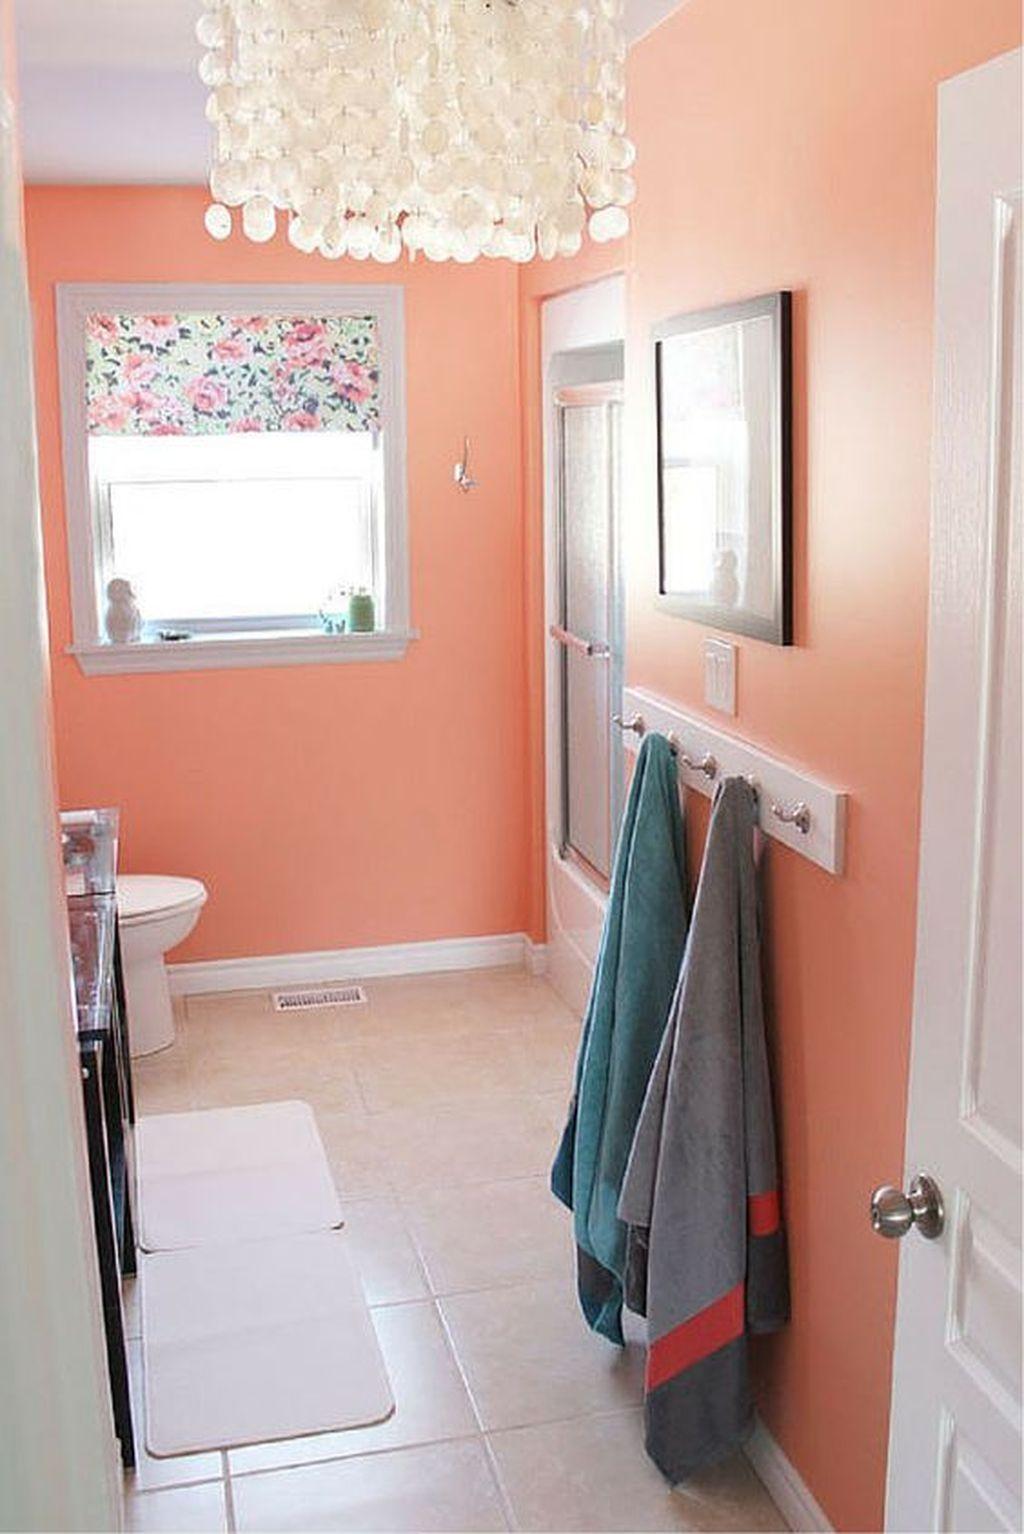 Cool 34 Popular Bathroom Spring Color Ideas Bathroom Wall Colors Bathroom Color Schemes Bright Bathroom Colors